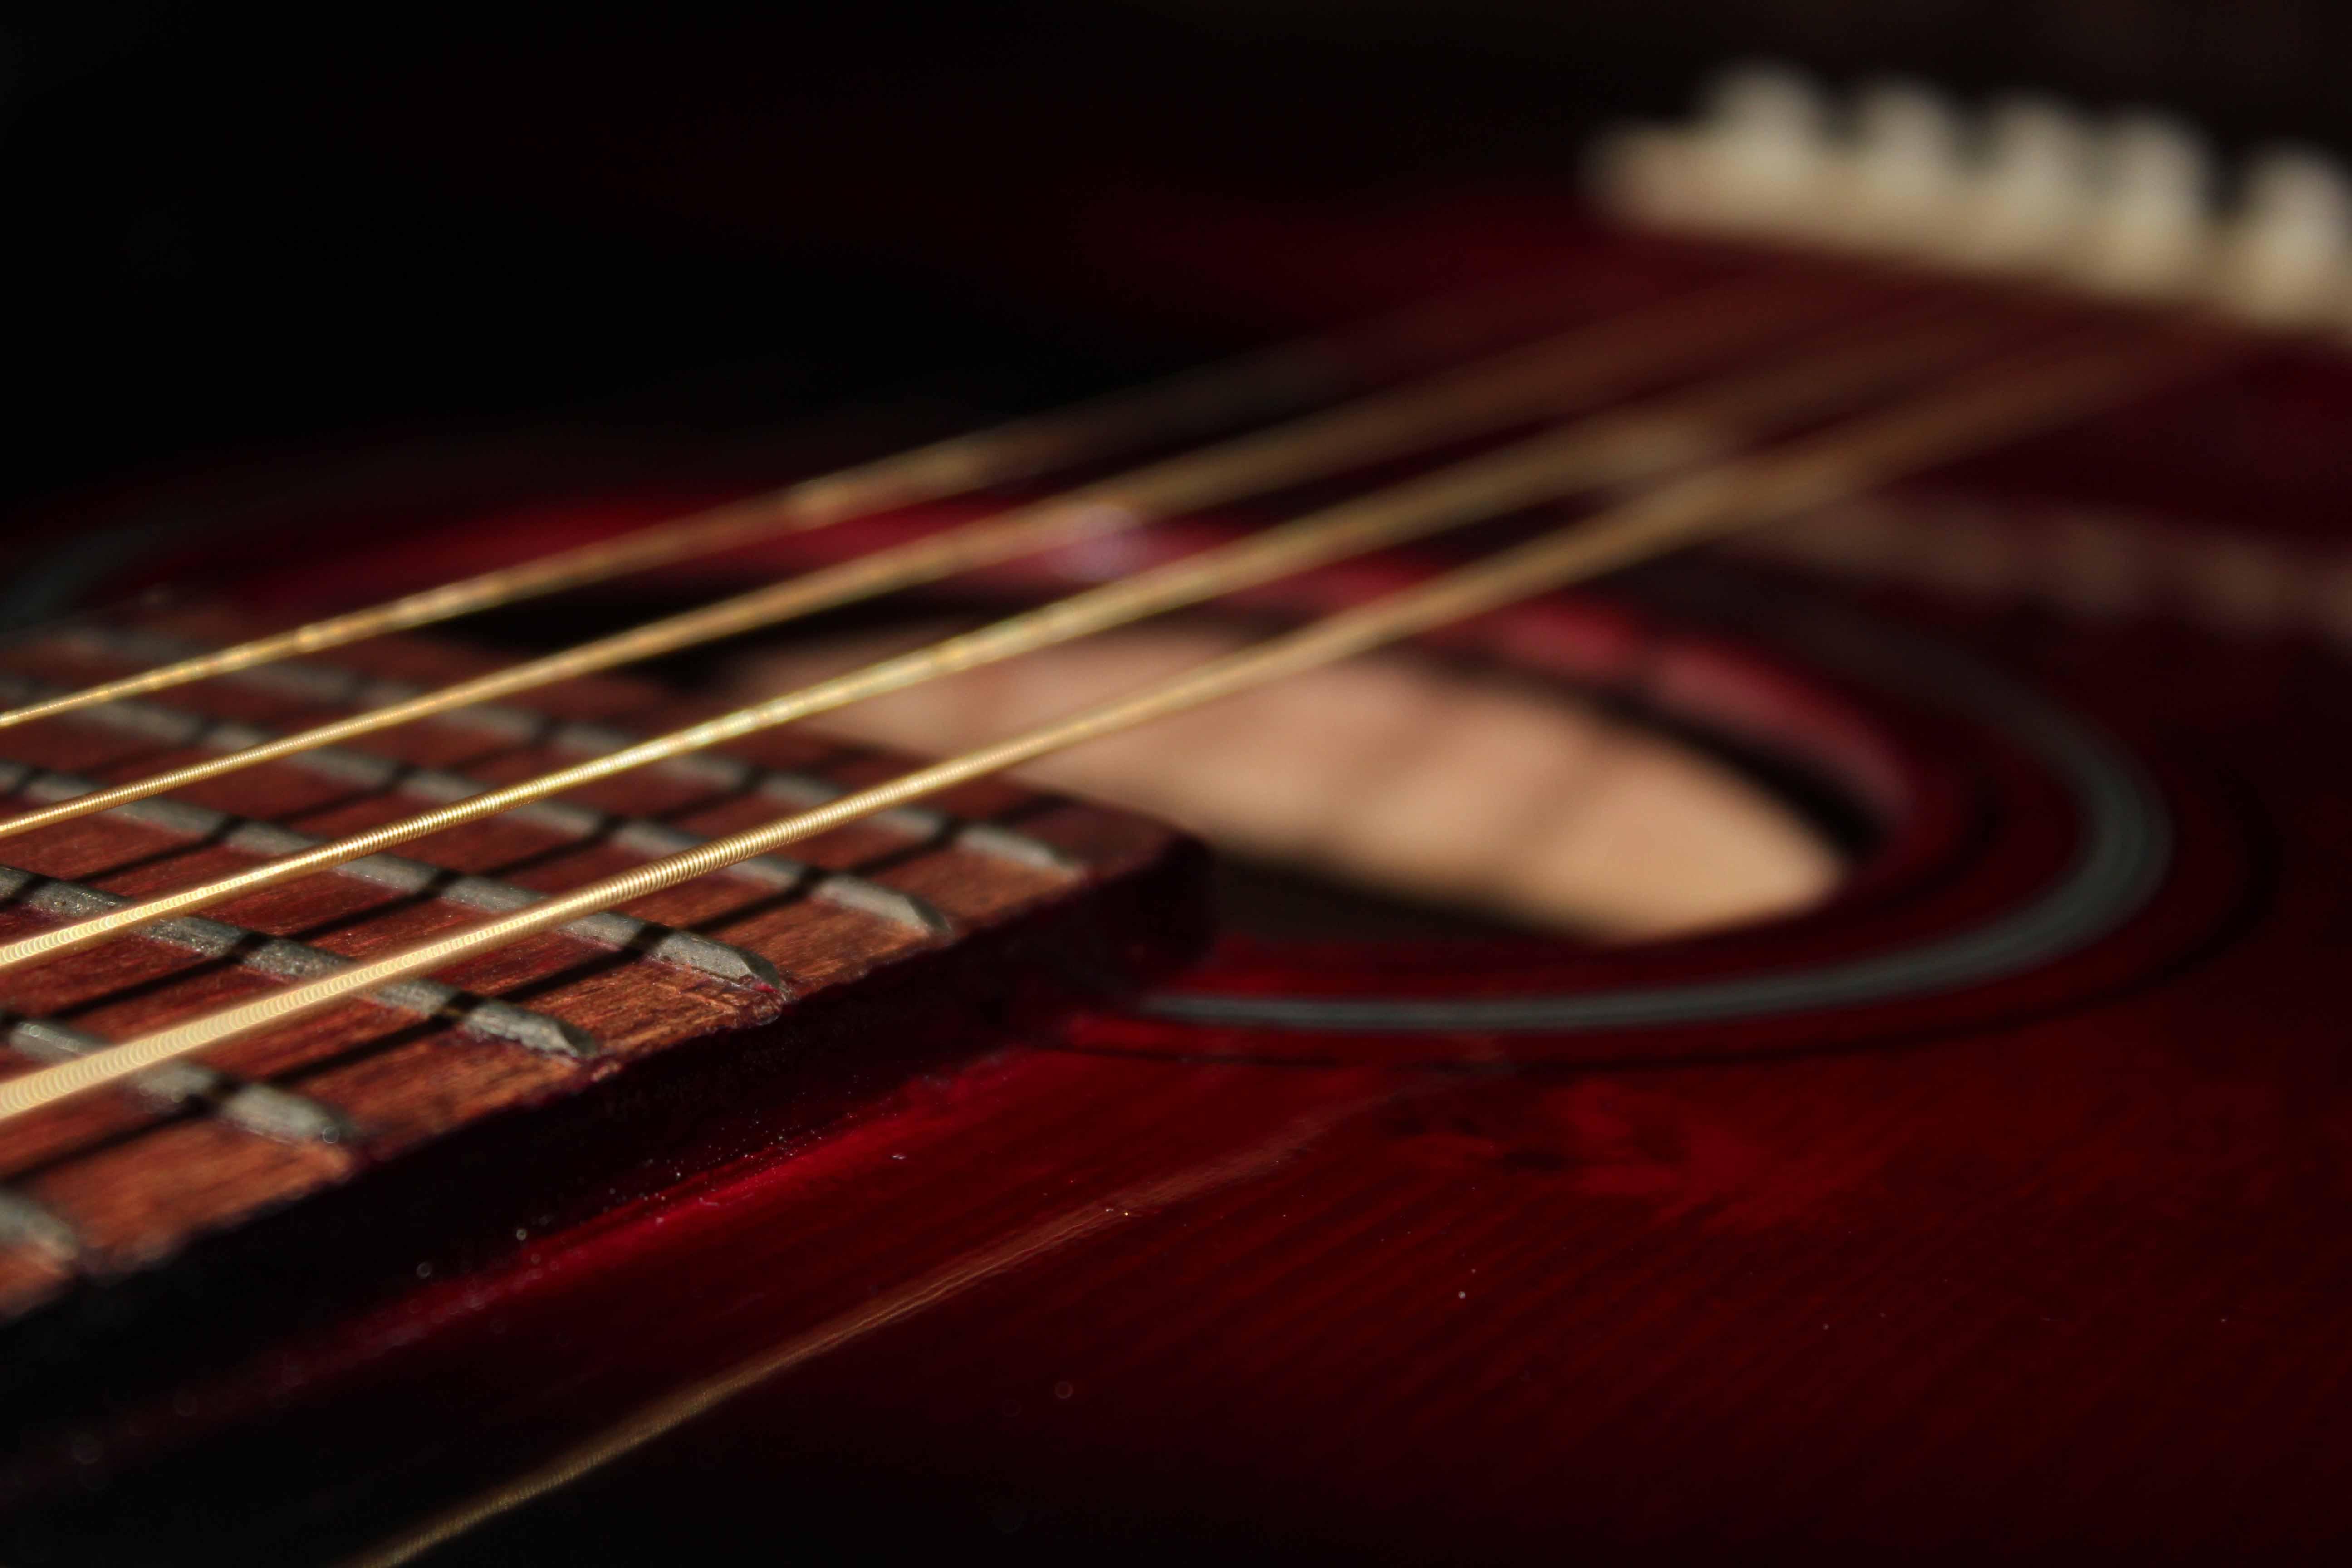 Guitar close up photo